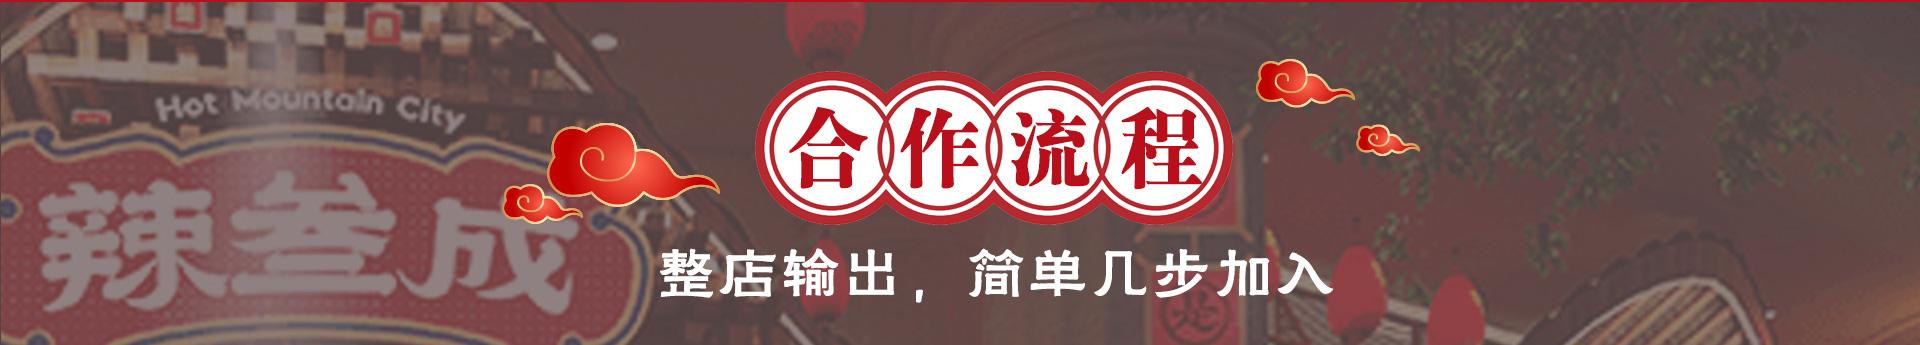 辣叁成燒菜火鍋lsc_18